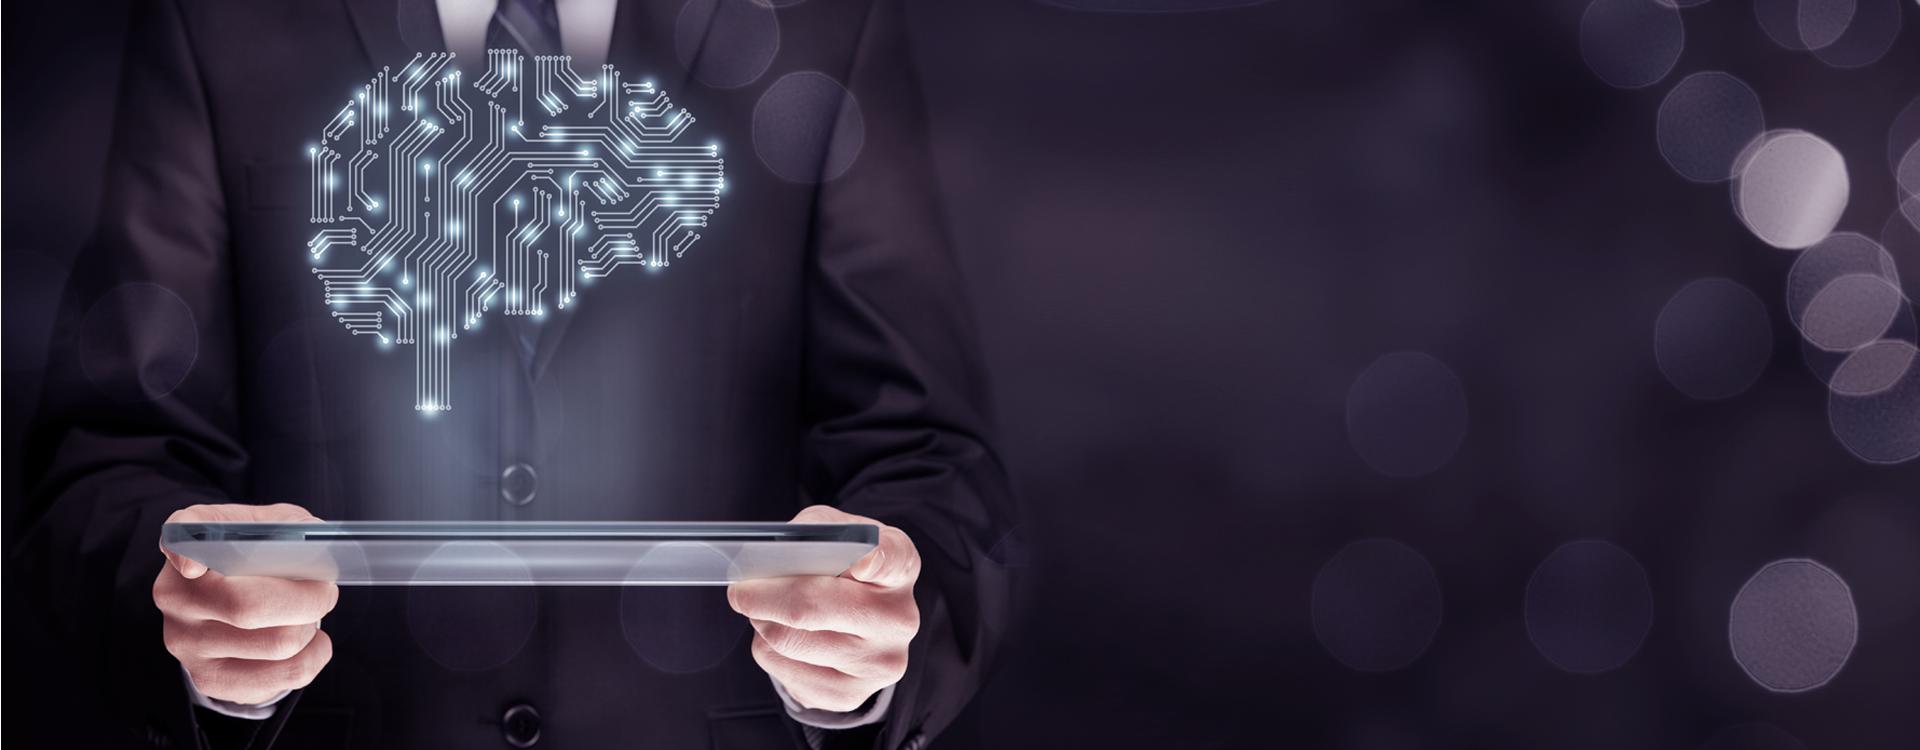 Intelligenza Artificiale: opportunità di formazione avanzata per imprenditori e dipendenti di aziende